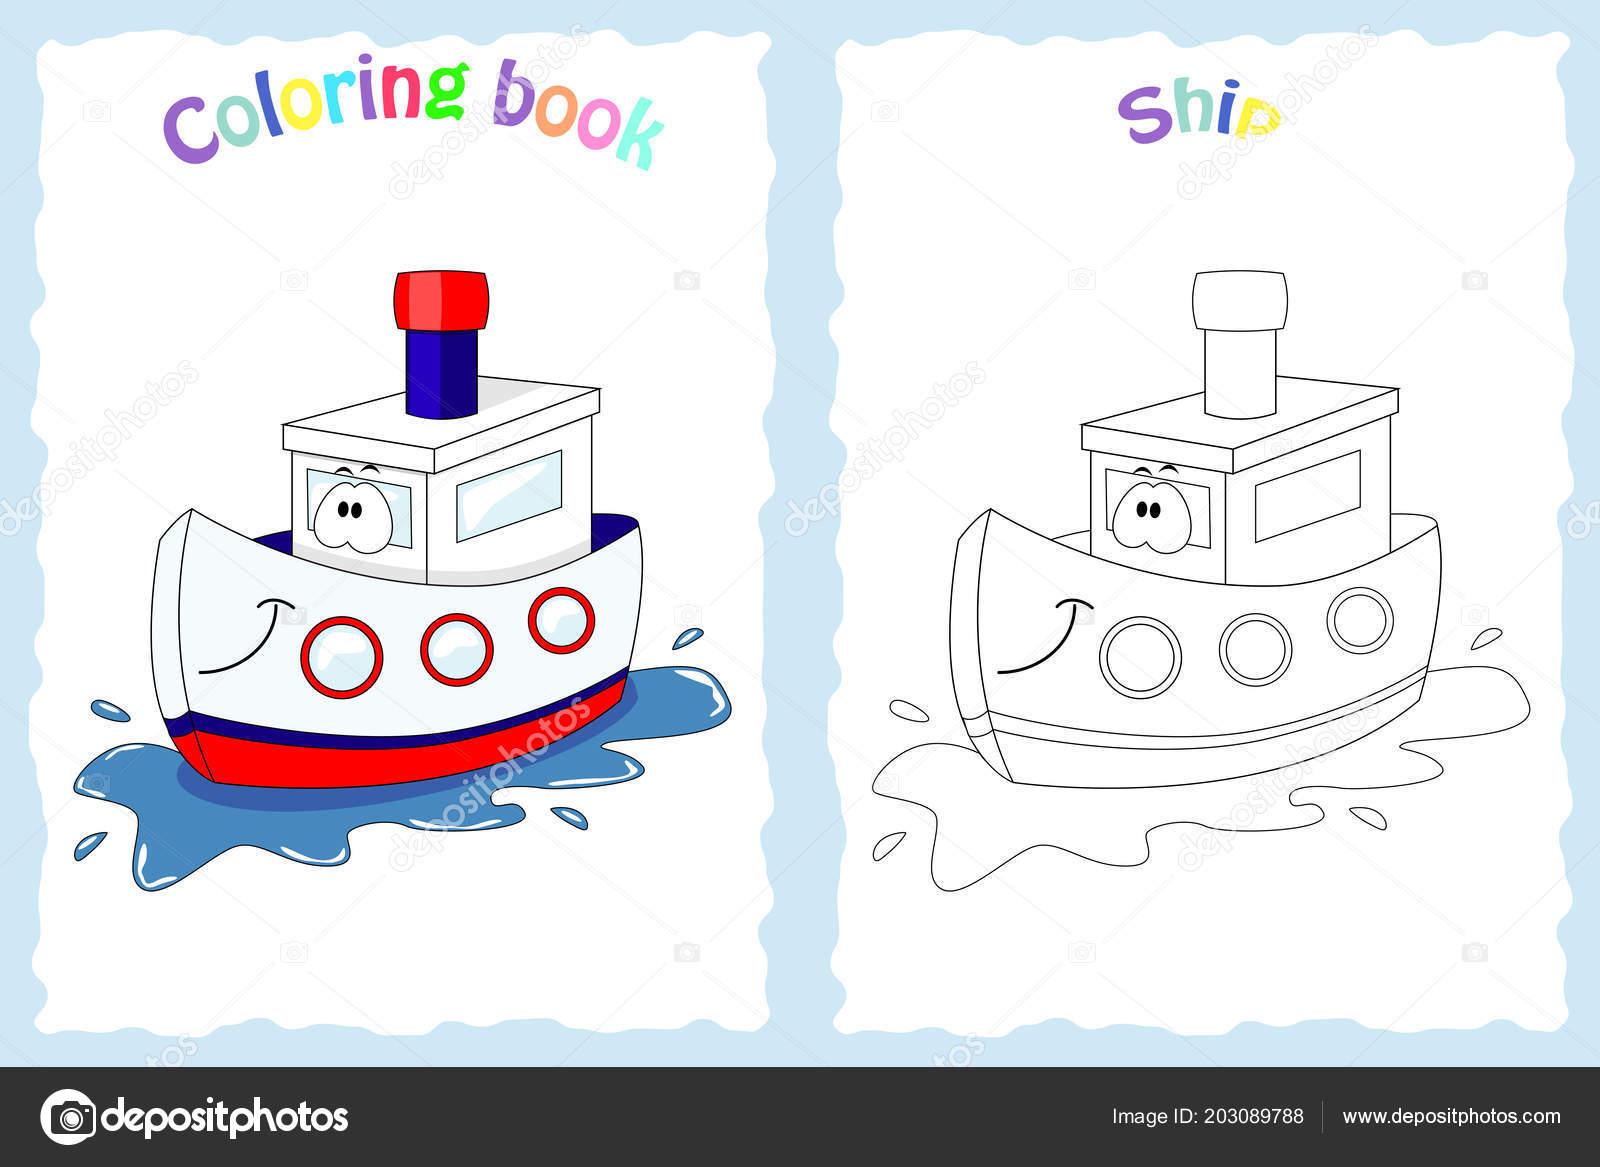 Página De Libro Para Colorear Para Niños Con Barco Colorido Y Dibujo